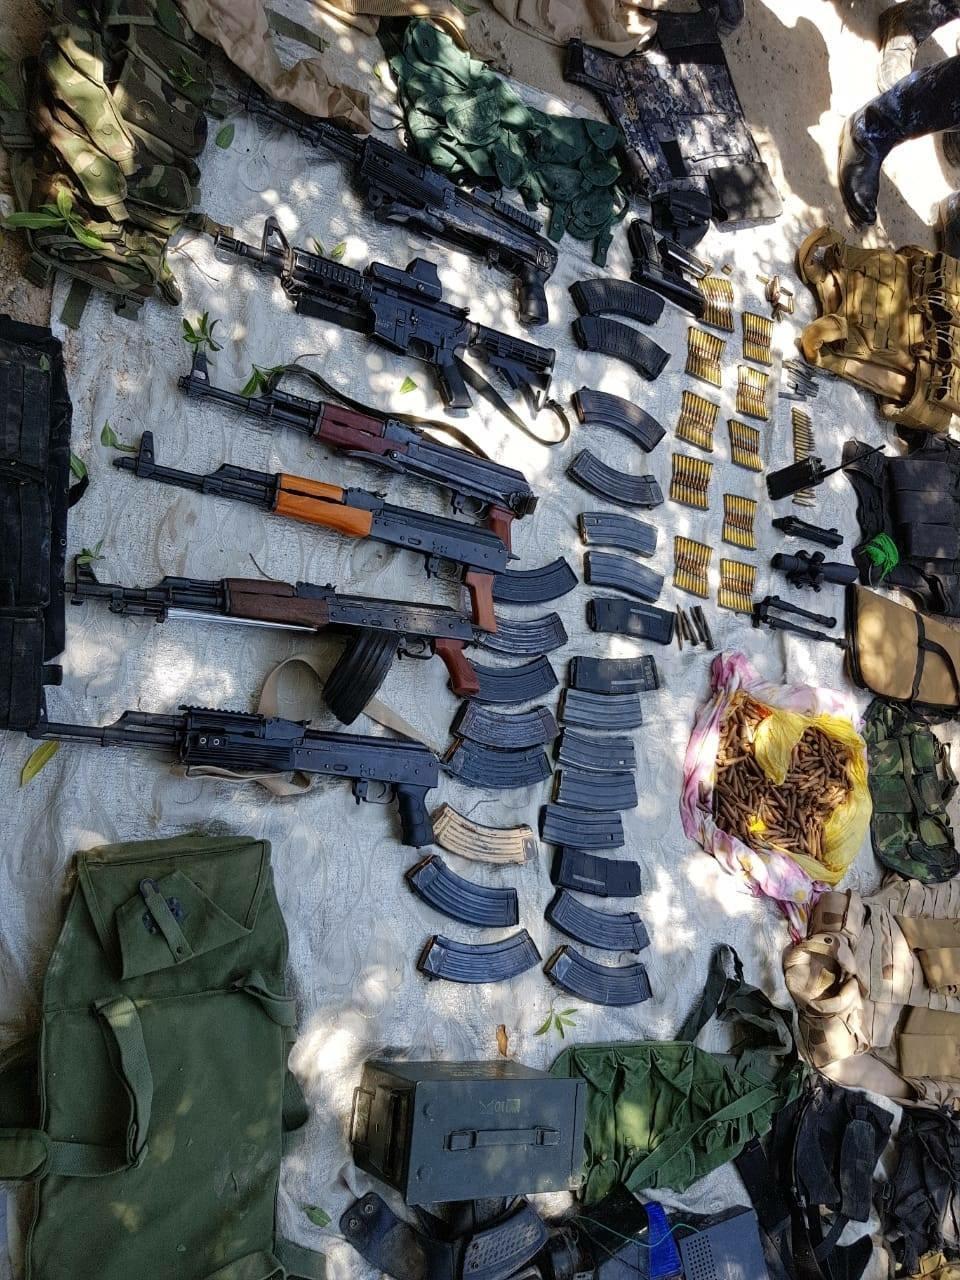 اعتقال 3 أشخاص إثر إطلاقهم عيارات نارية ومصادرة أسلحتهم جنوبي بغداد